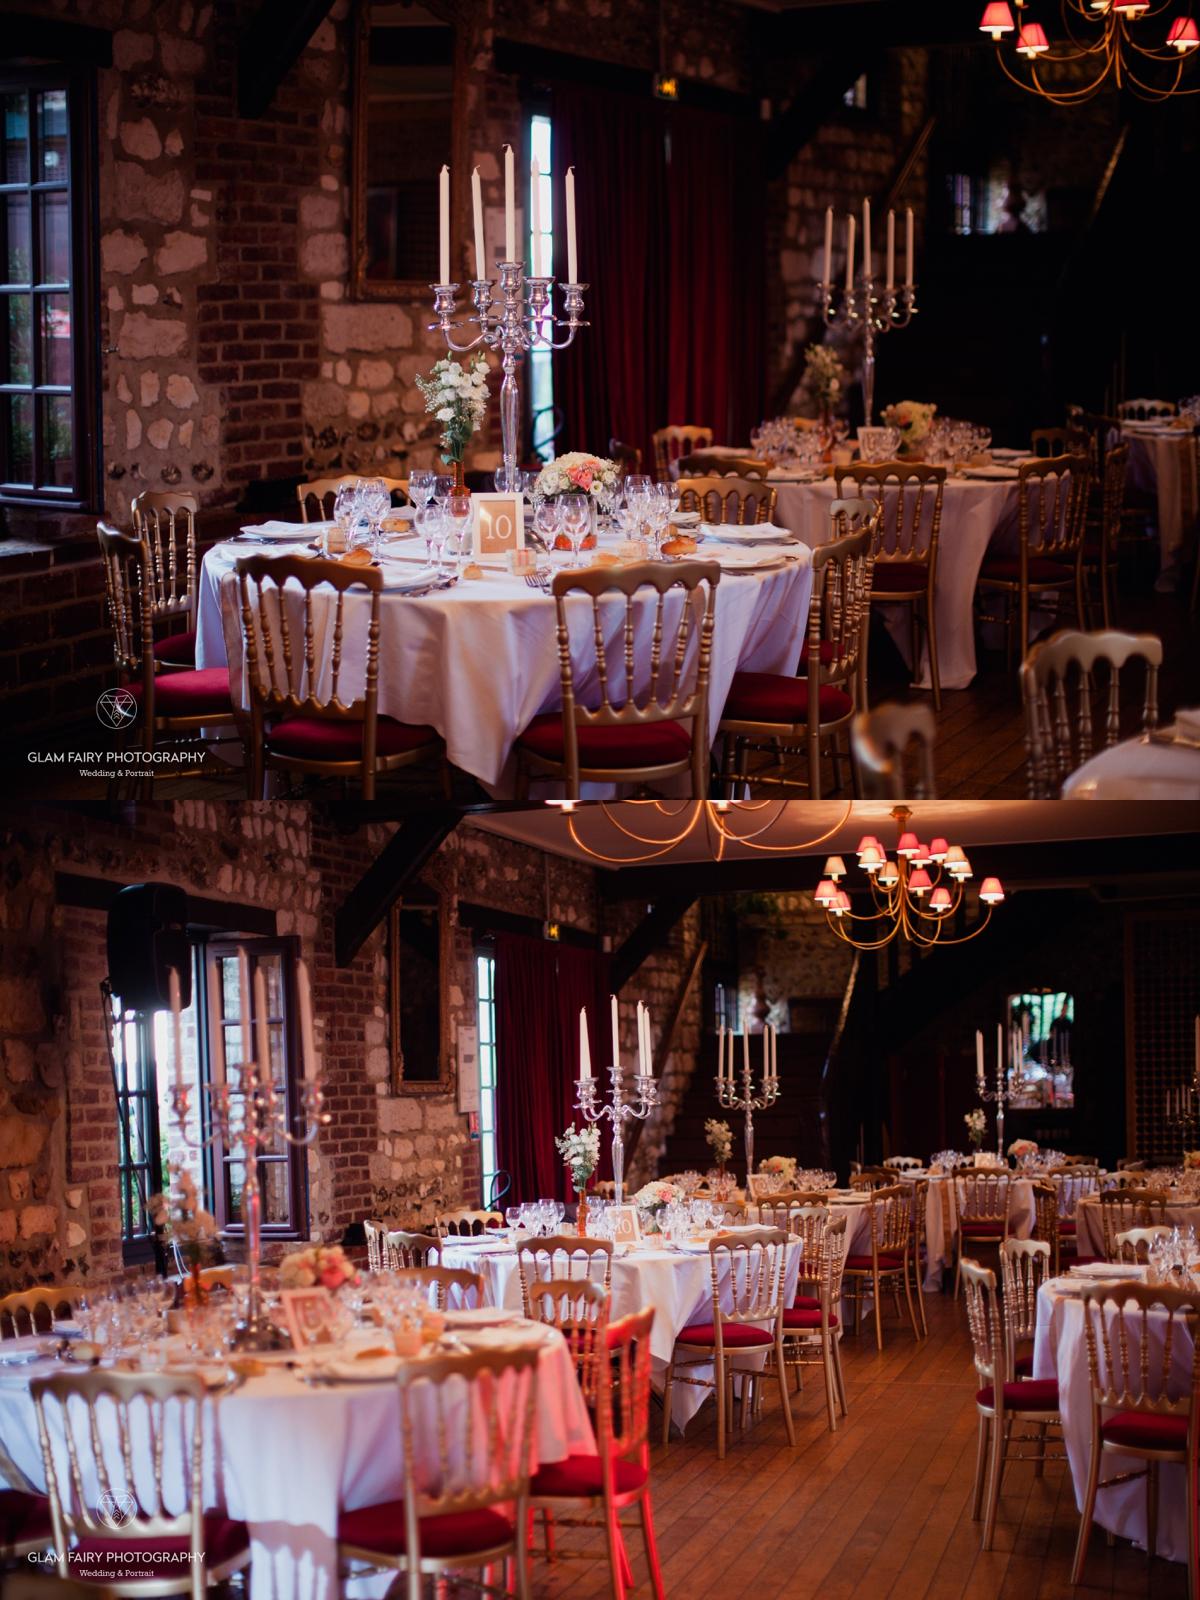 glamfairyphotography-mariage-manoir-de-portejoie-anais_0060